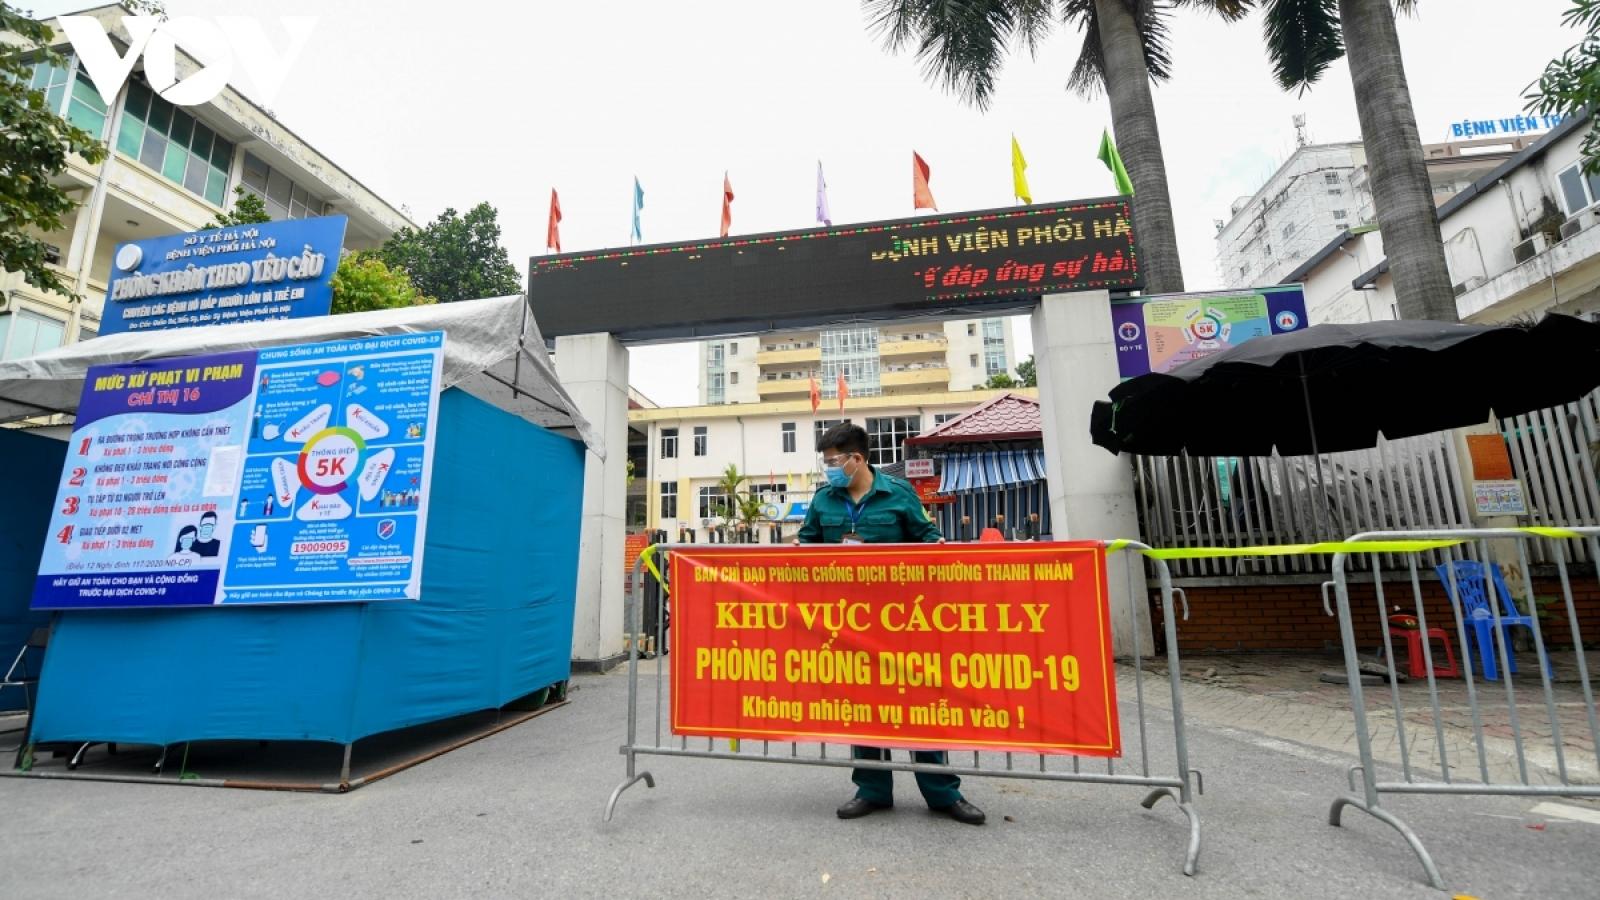 Chiều 26/7, Việt Nam có thêm 5.155 ca mắc COVID-19, riêng TP.HCM 4.283 ca